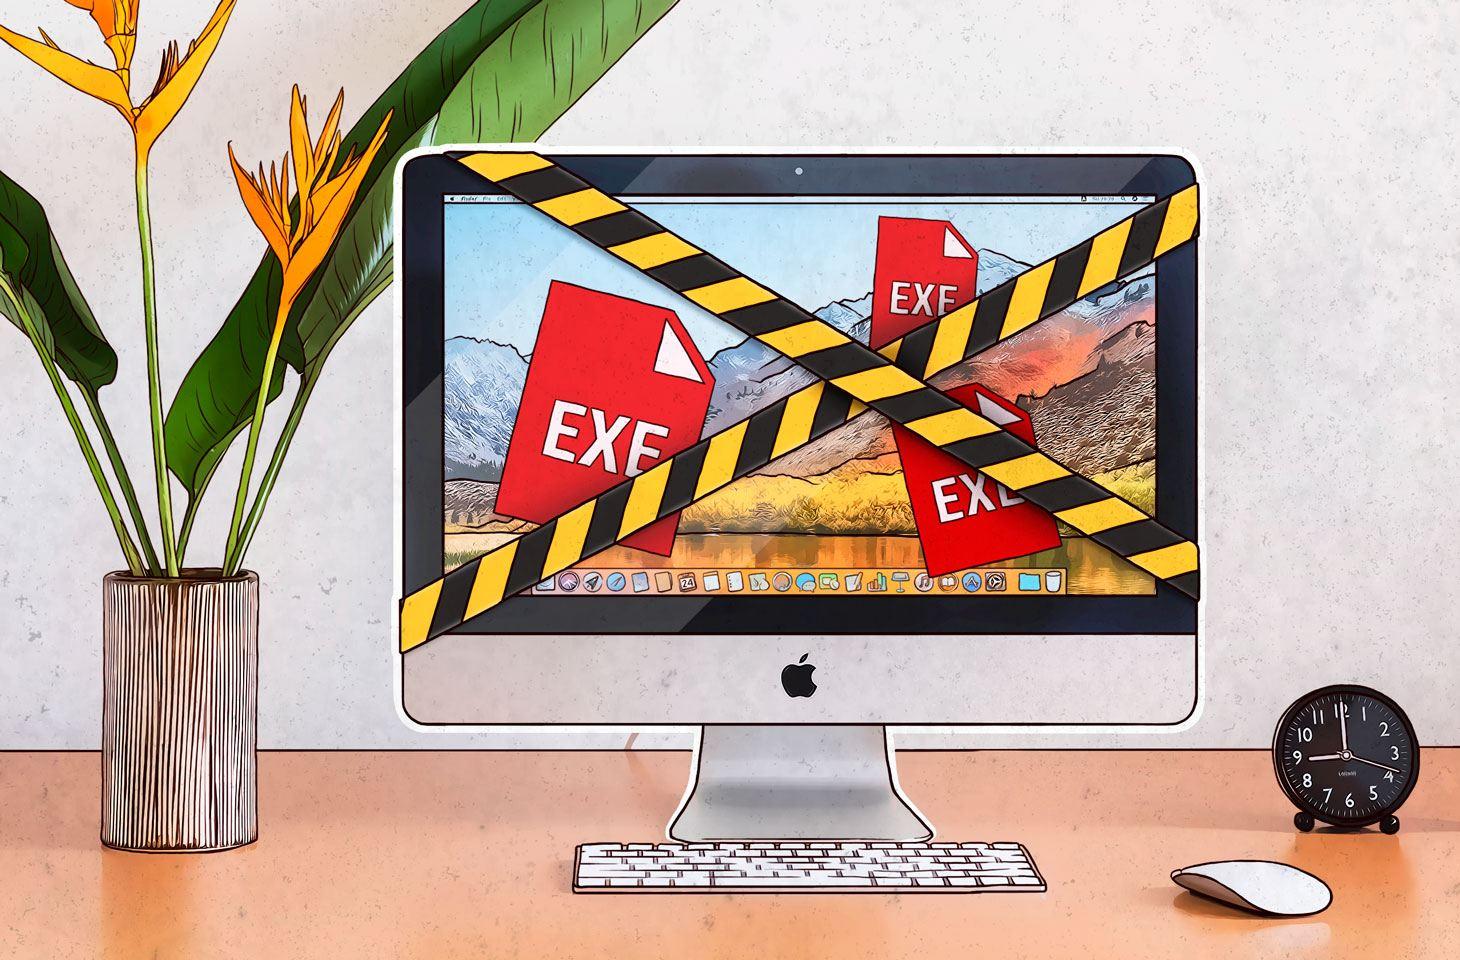 Una infección EXE para tu Mac